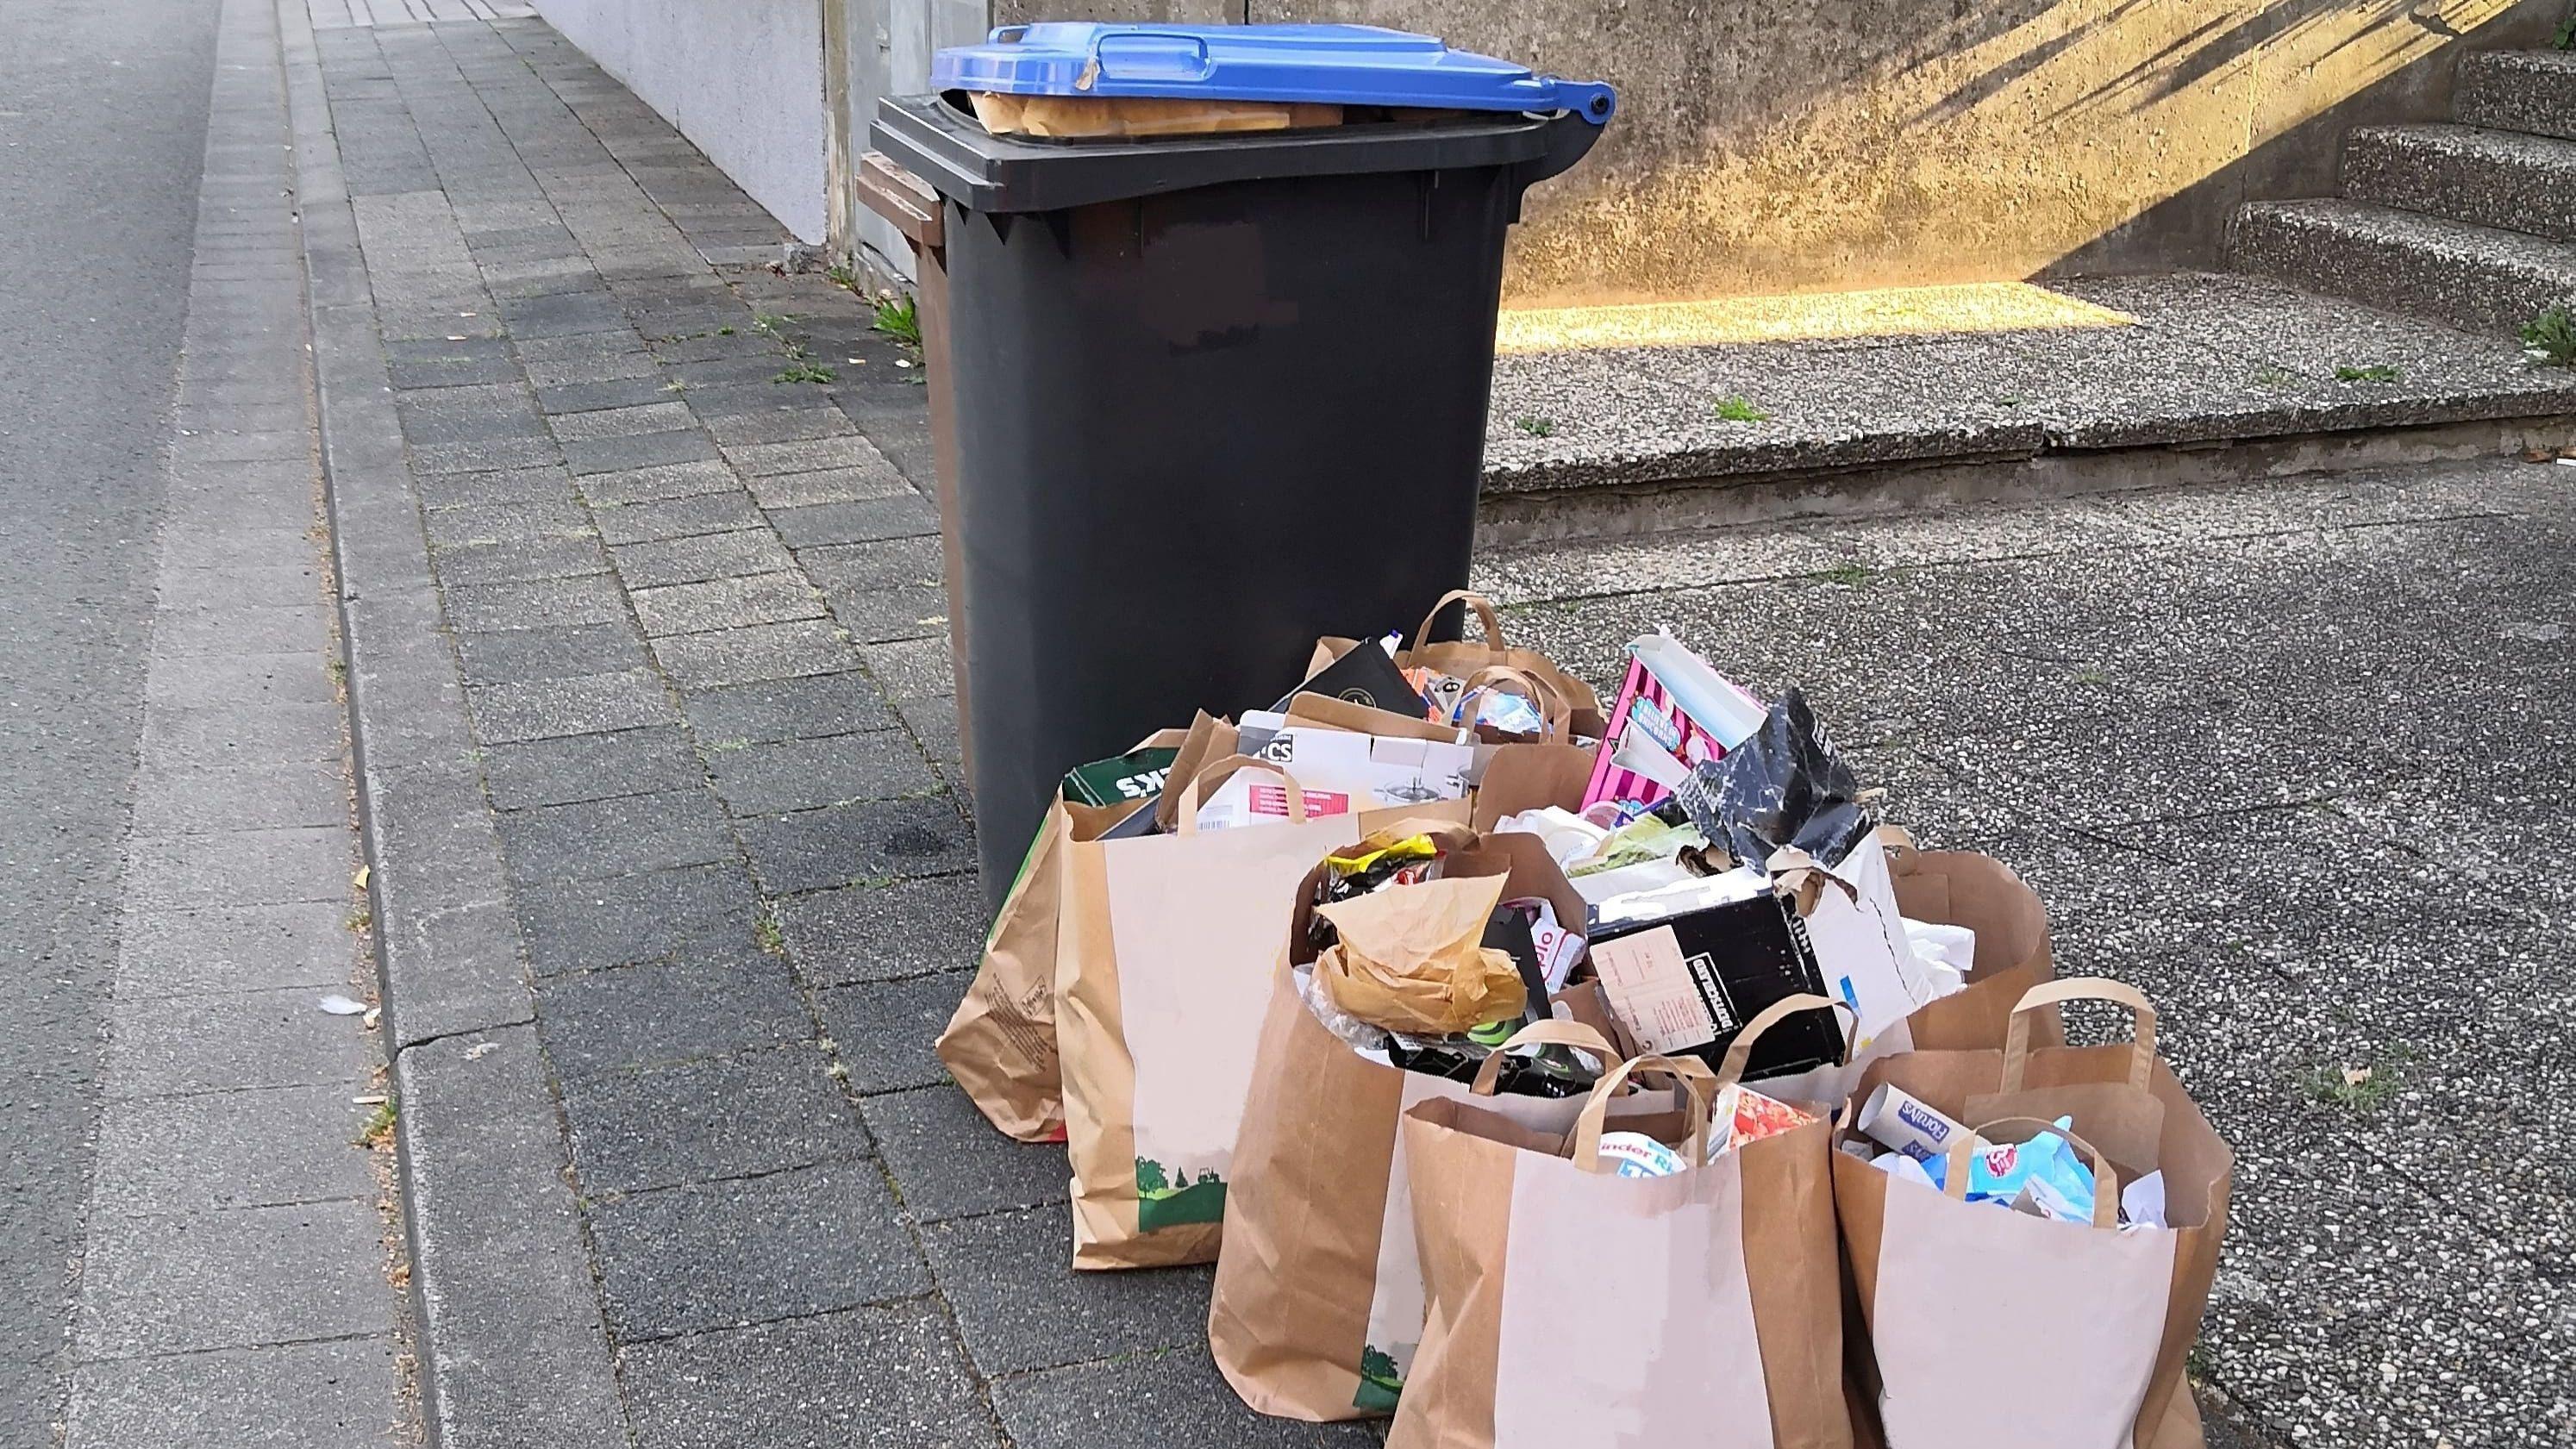 Stadtbildpflege weist auf übervolle Müllbehälter hin-Image